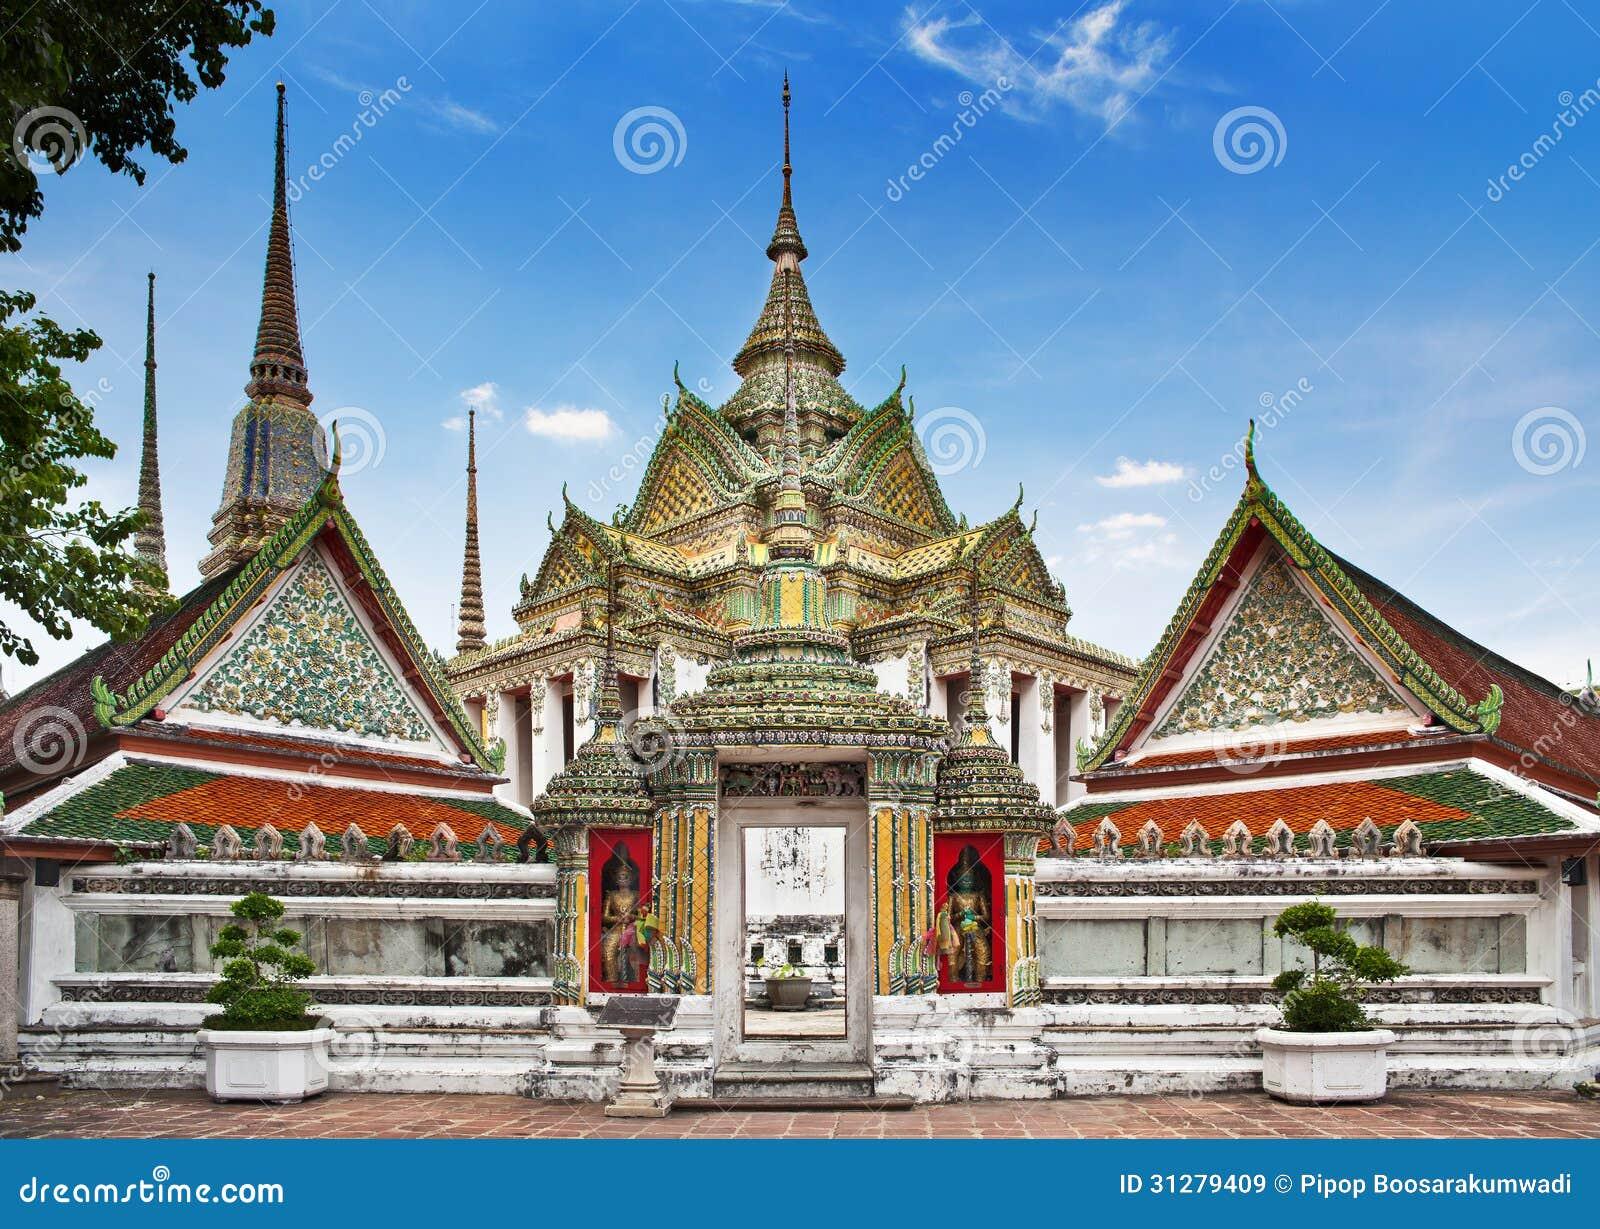 佛教寺庙, Wat Pho寺庙在曼谷、地标和没有1旅游胜地在泰国。